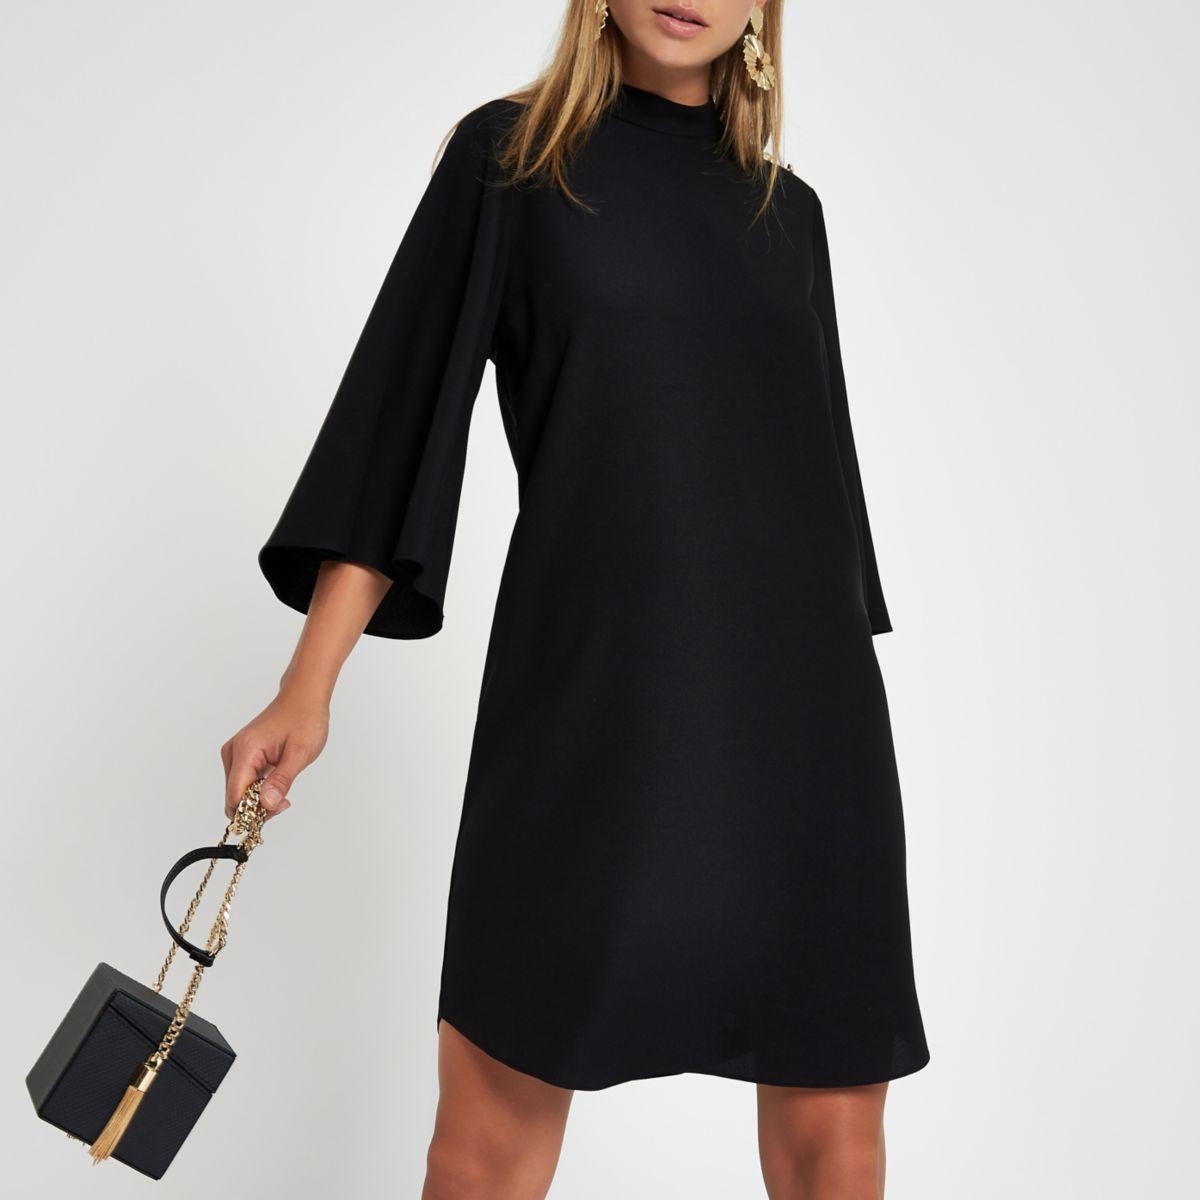 Schwarzes Swing-Kleid mit geknöpften Ärmeln